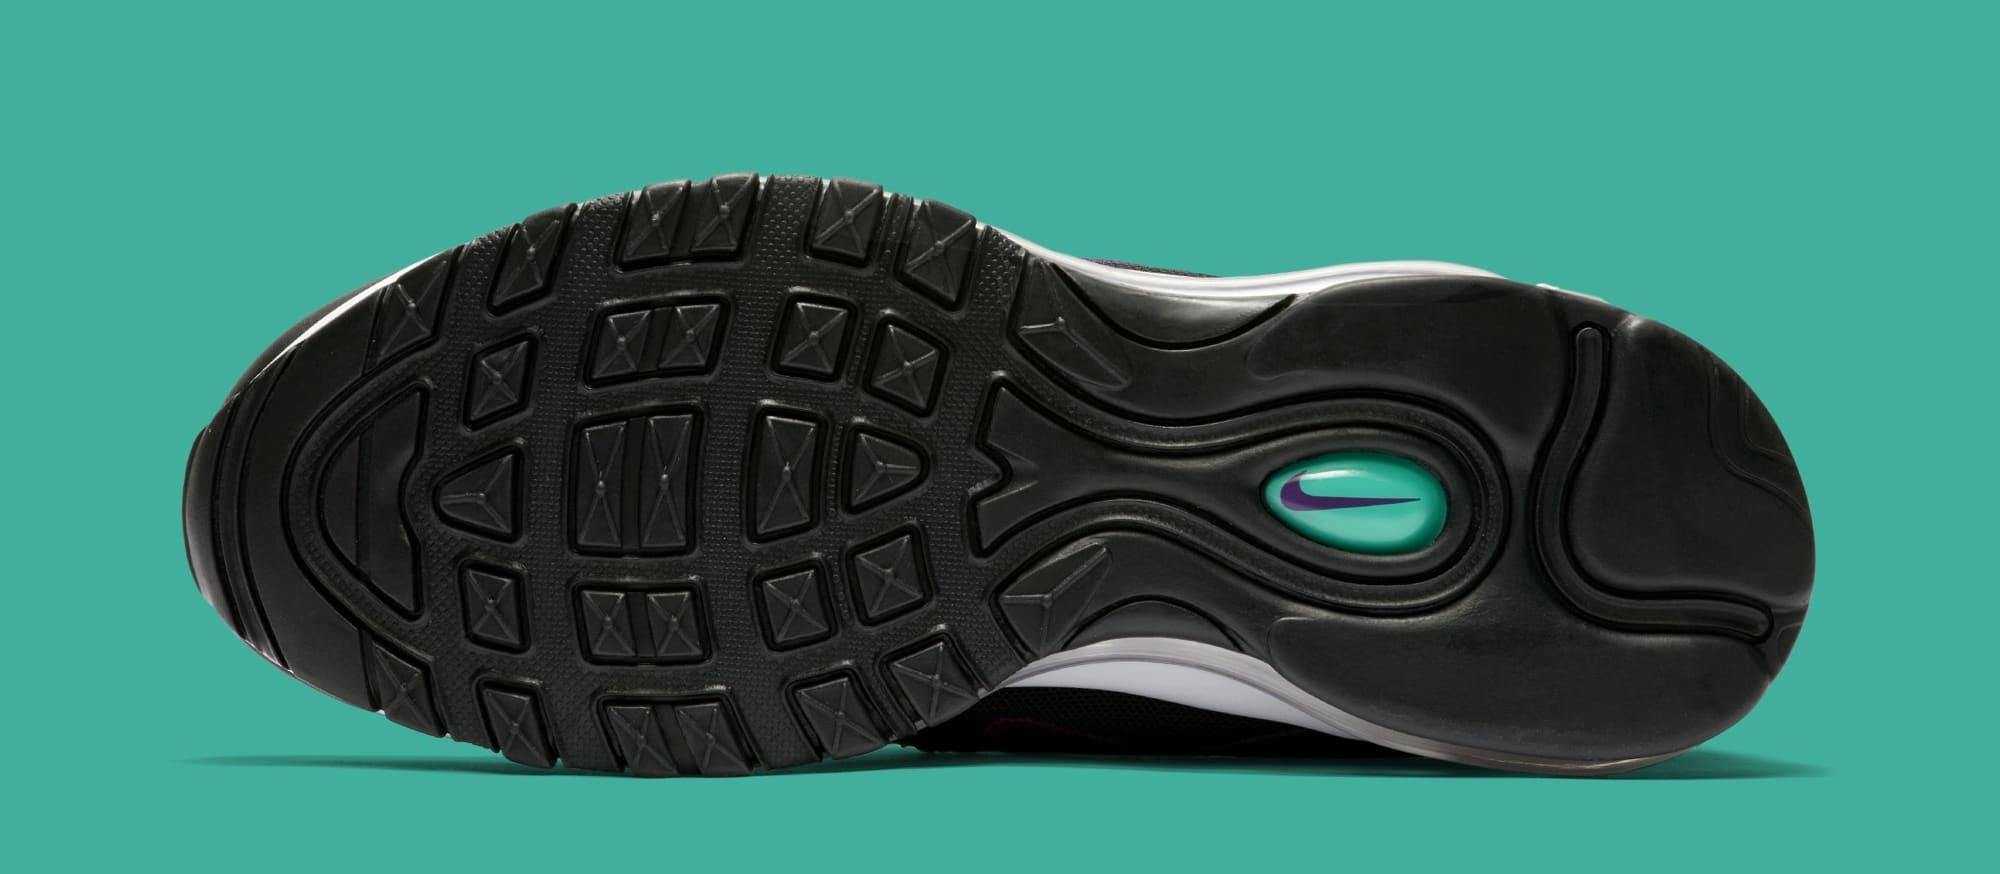 Nike Air Max 97 WMNS 'Black/Bright Grape/Clear Emerald' 921733-008 (Sole)